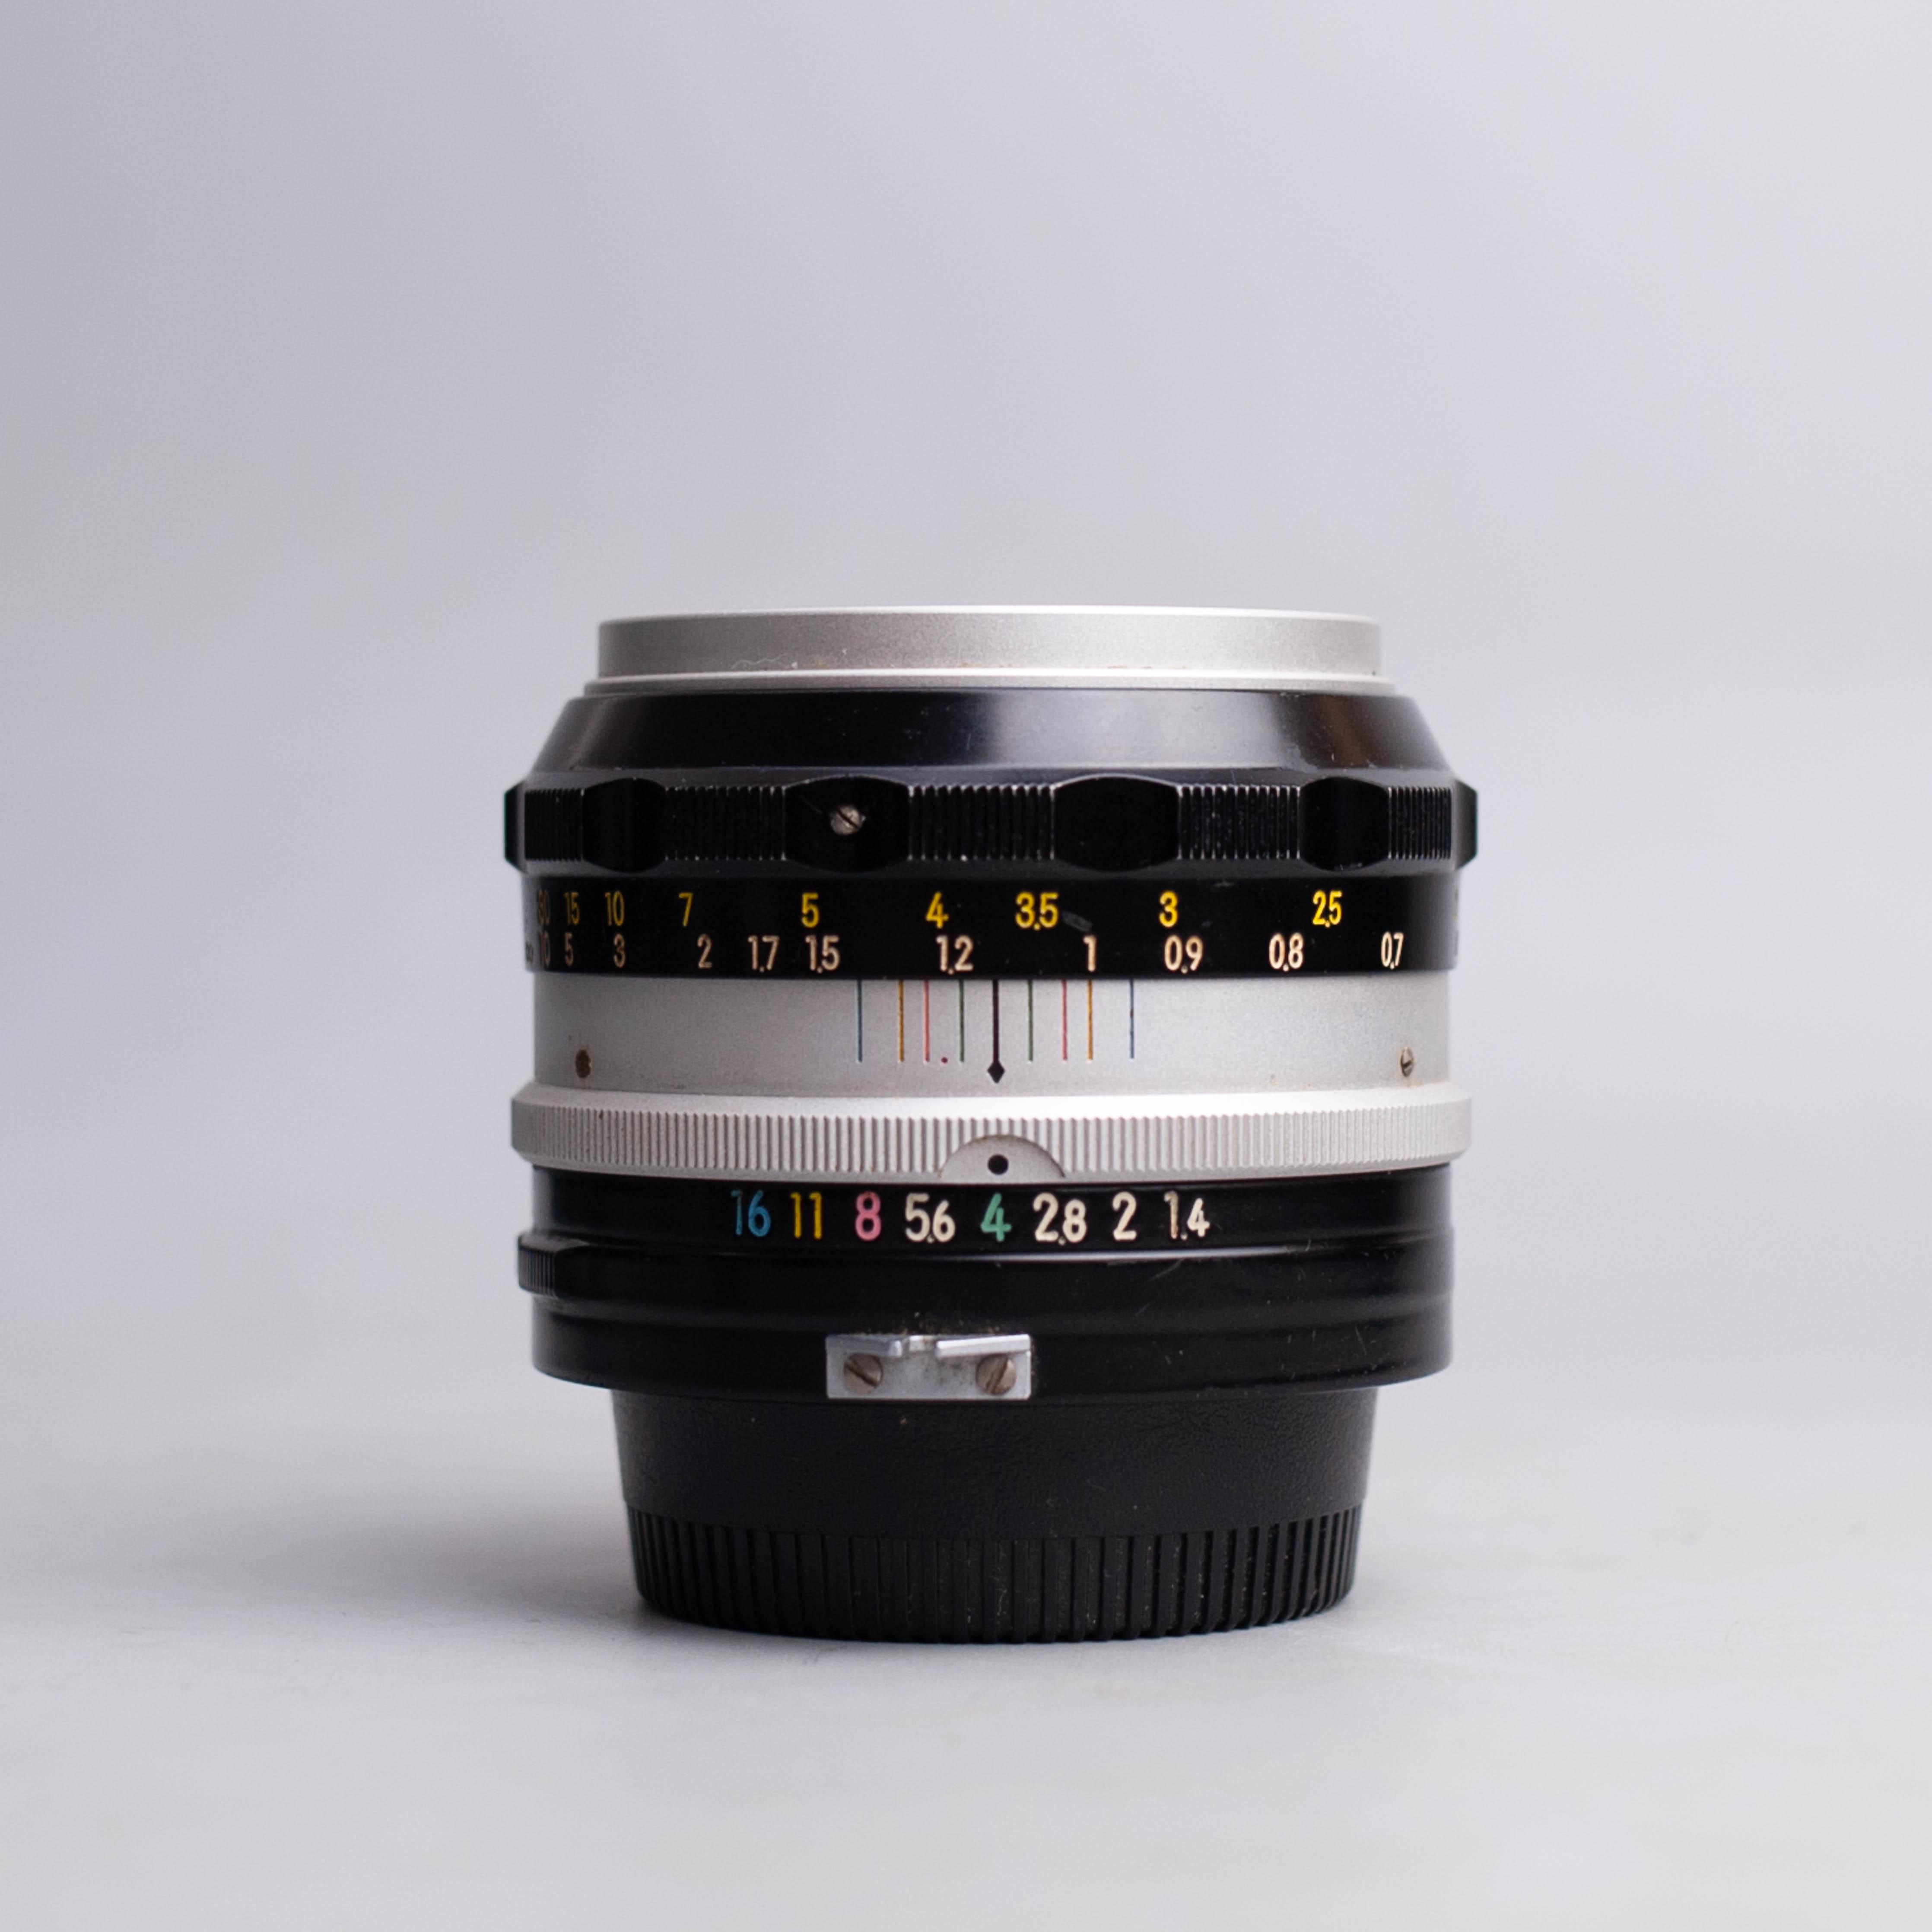 nikon-70-300mm-f4-5-5-6-ed-af-70-300-4-5-5-6-16442